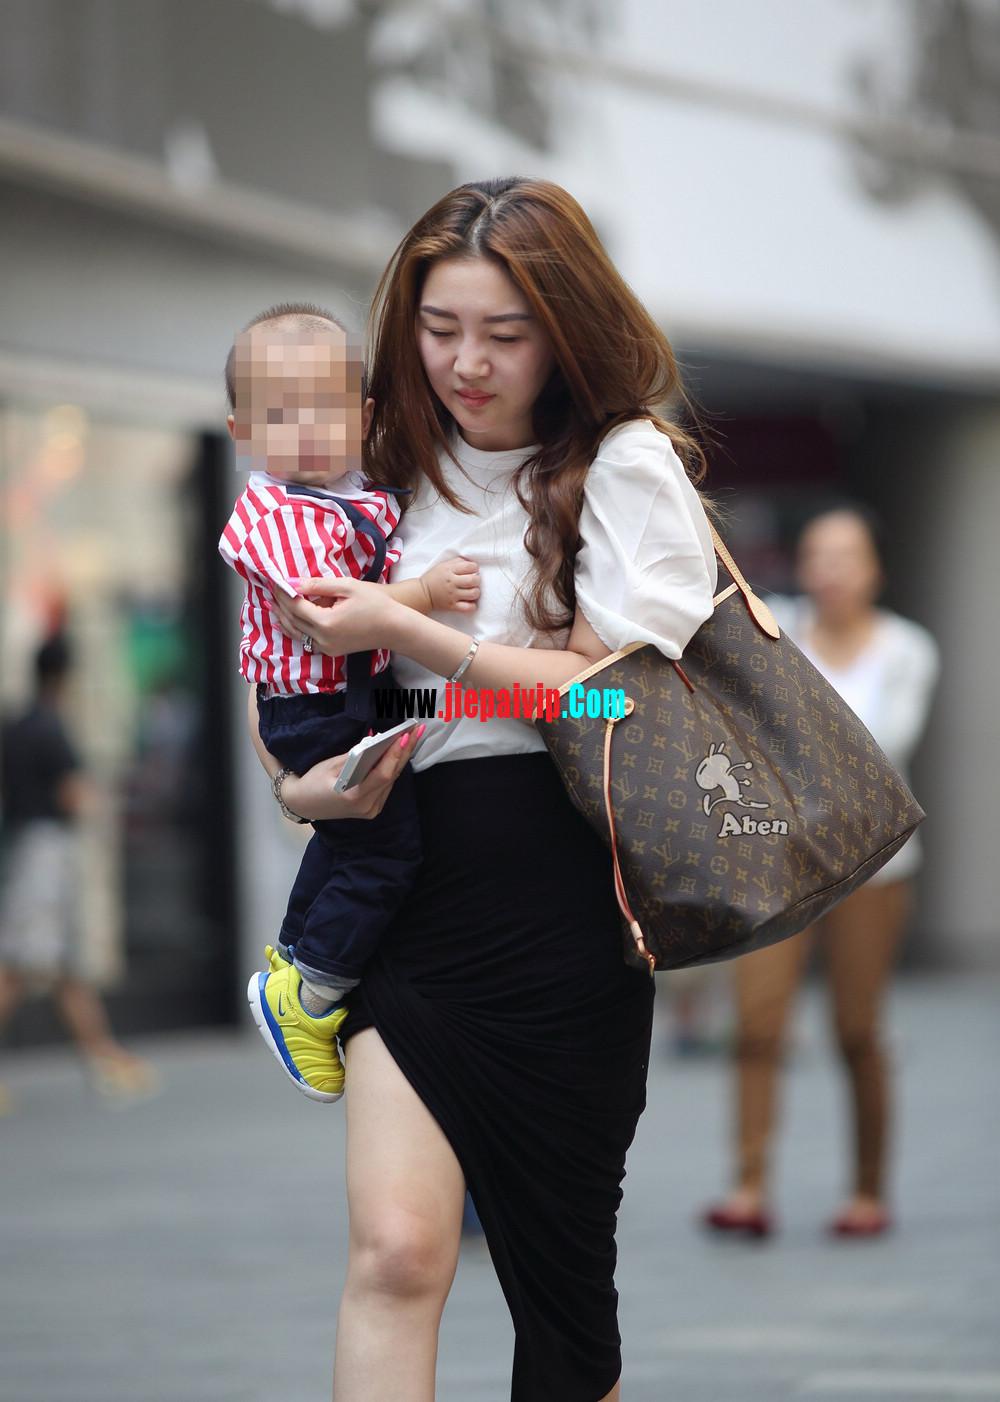 生了小孩的少妇最有魅力,美臀黑裙美腿高跟少妇3